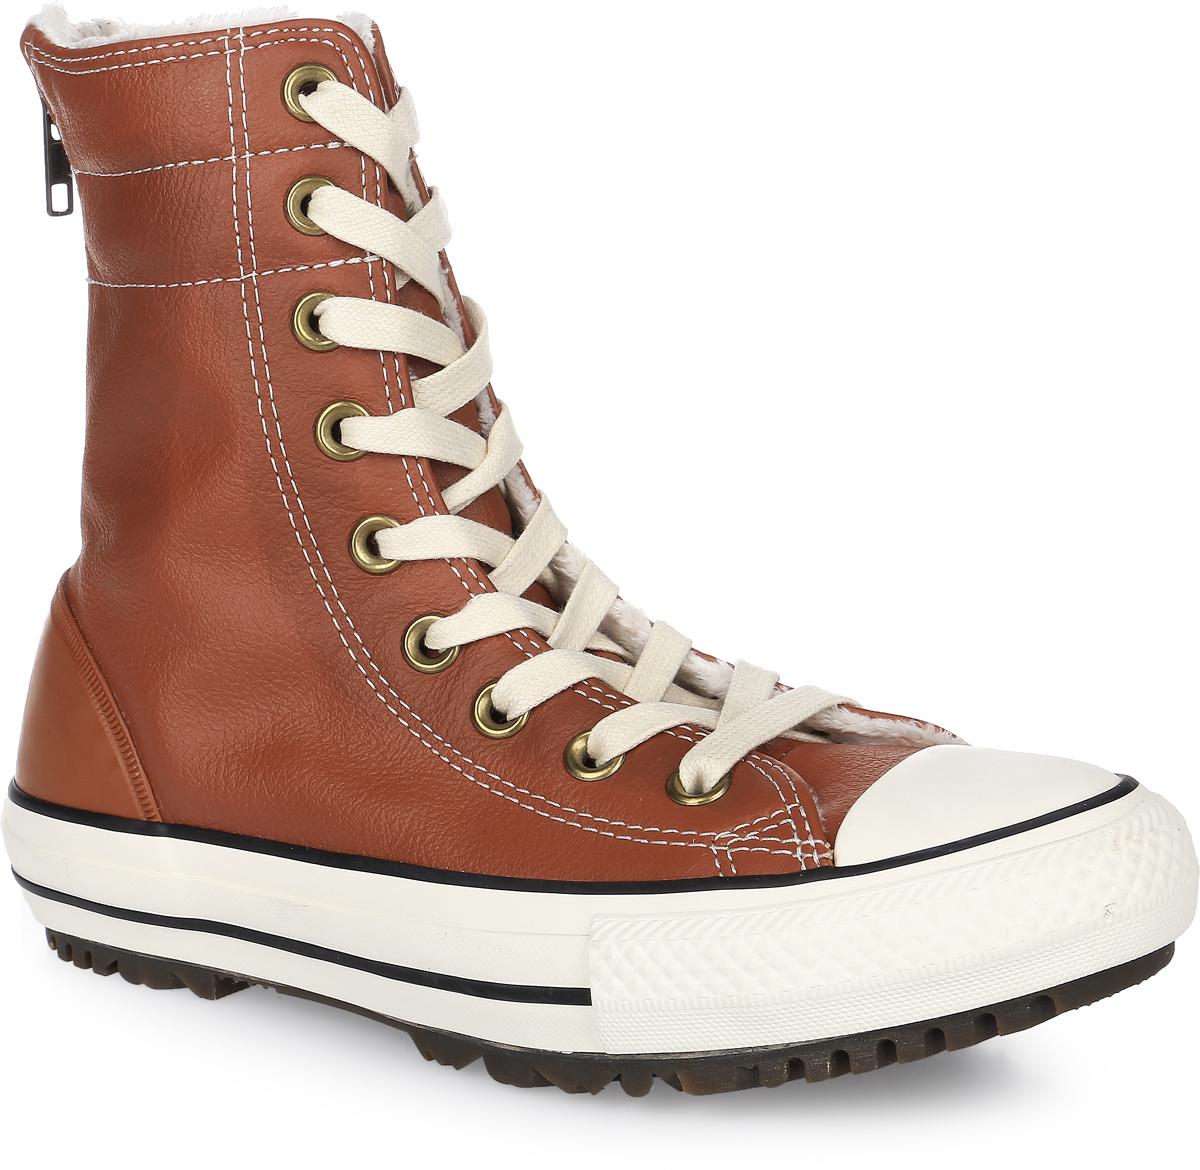 Кеды женские Converse Chuck Taylor All Star Hi-Rise Boot Leather + Fur, цвет: коричневый. 553390. Размер 5,5 (36)553390Кеды Converse выполнены из натуральной кожи и оформлены фирменной нашивкой. На ноге модель фиксируется с помощью шнурков и молнии, которая расположена на задней части. Задник дополнен резиновой накладкой для лучшей сохранности обуви. Внутренняя поверхность и стелька выполнены из искусственного меха, который обеспечит тепло и комфорт. Подошва изготовлена из высококачественной резины и дополнена протектором, который гарантирует отличное сцепление с любой поверхностью.